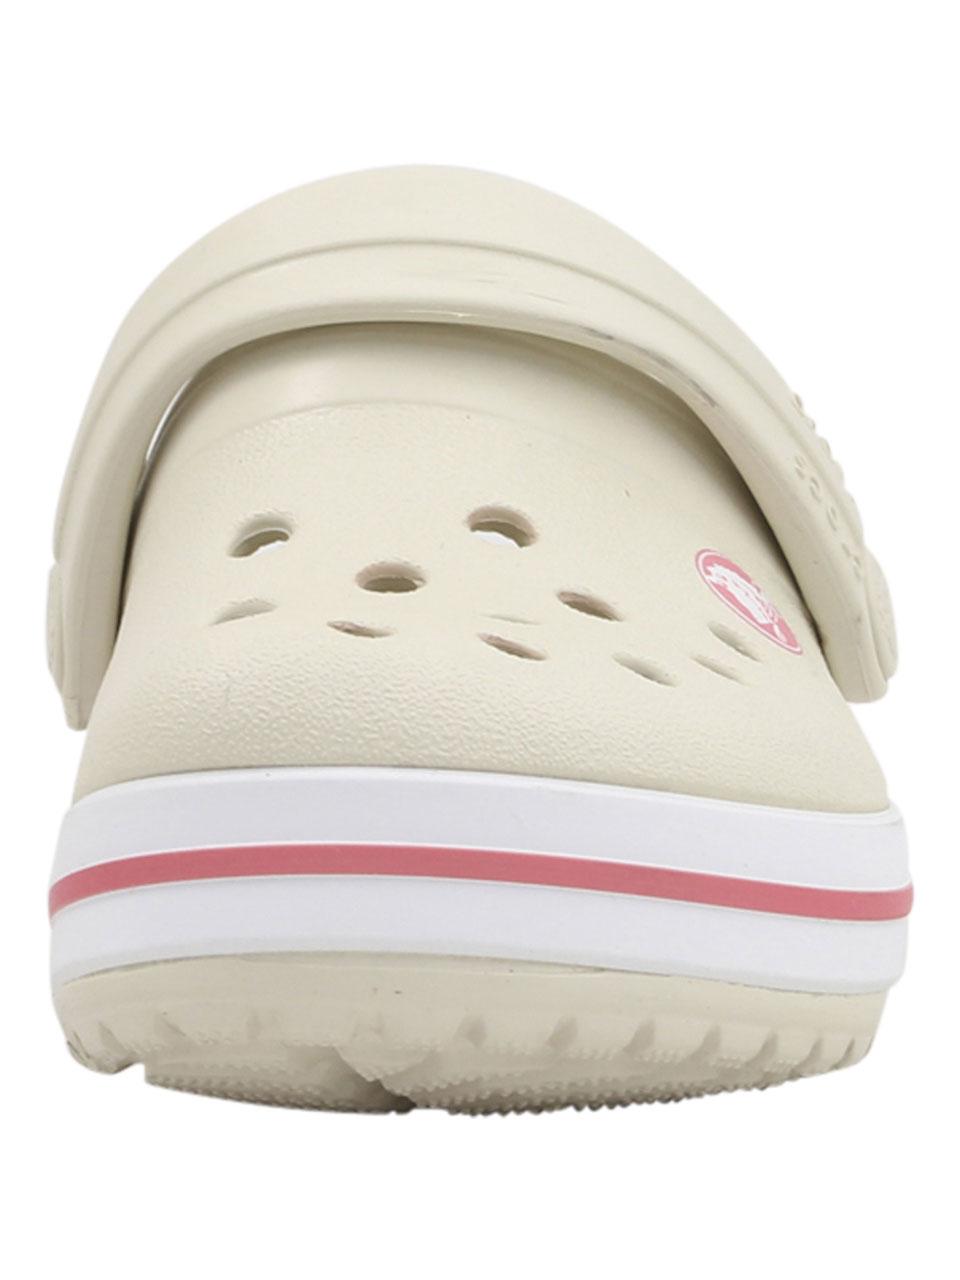 Crocs-Little-Kid-039-s-Crocband-Clogs-Sandals-Shoes thumbnail 23